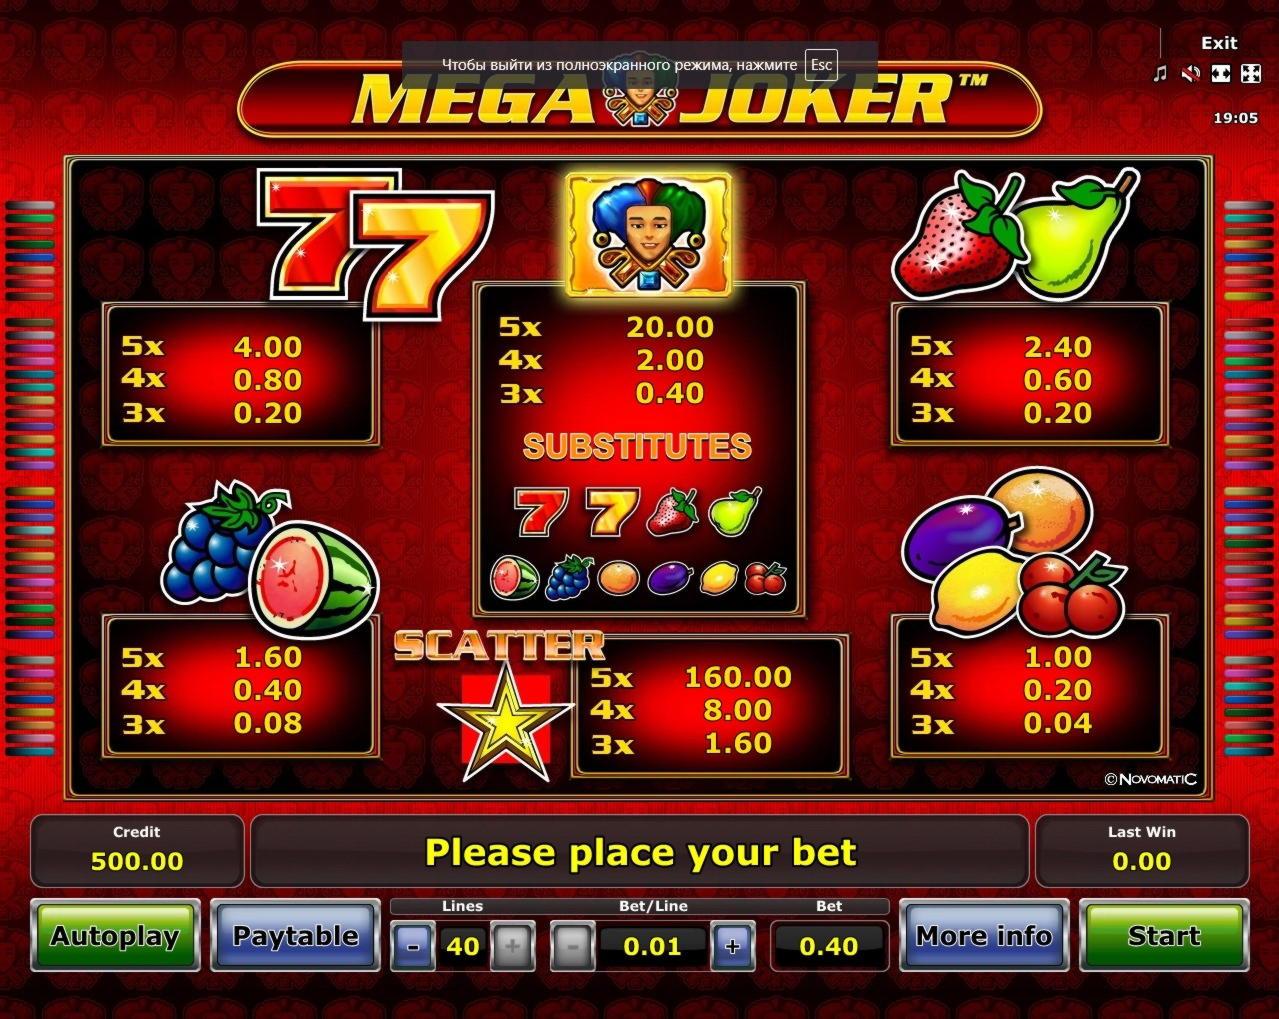 220% Match på et kasino på Genesis Casino